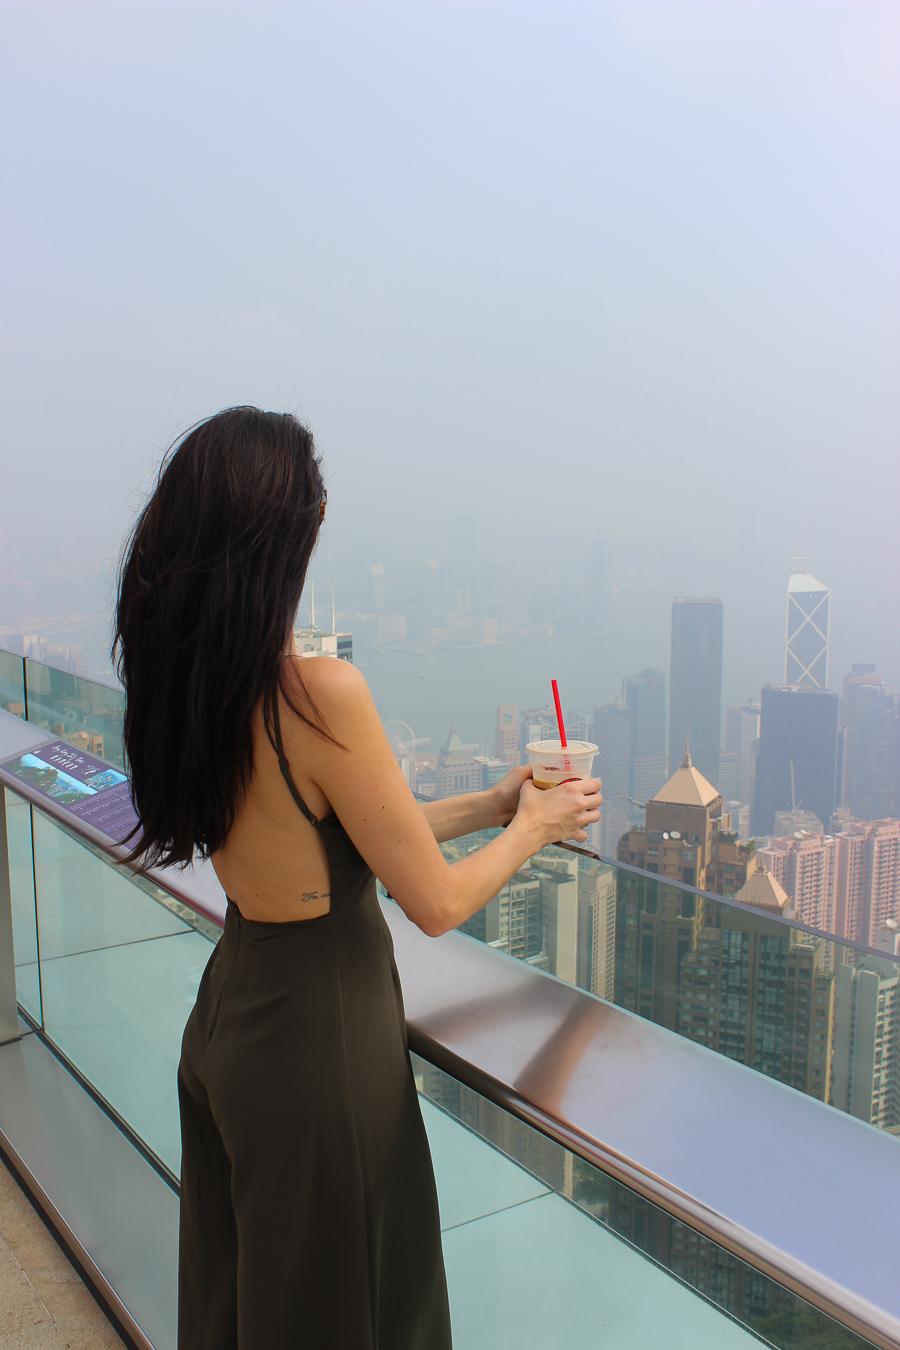 Clutch and carry on - sabrina chakici - conrad stay inspired - conrad hong kong - travel blog hong kong - travel blogger-22